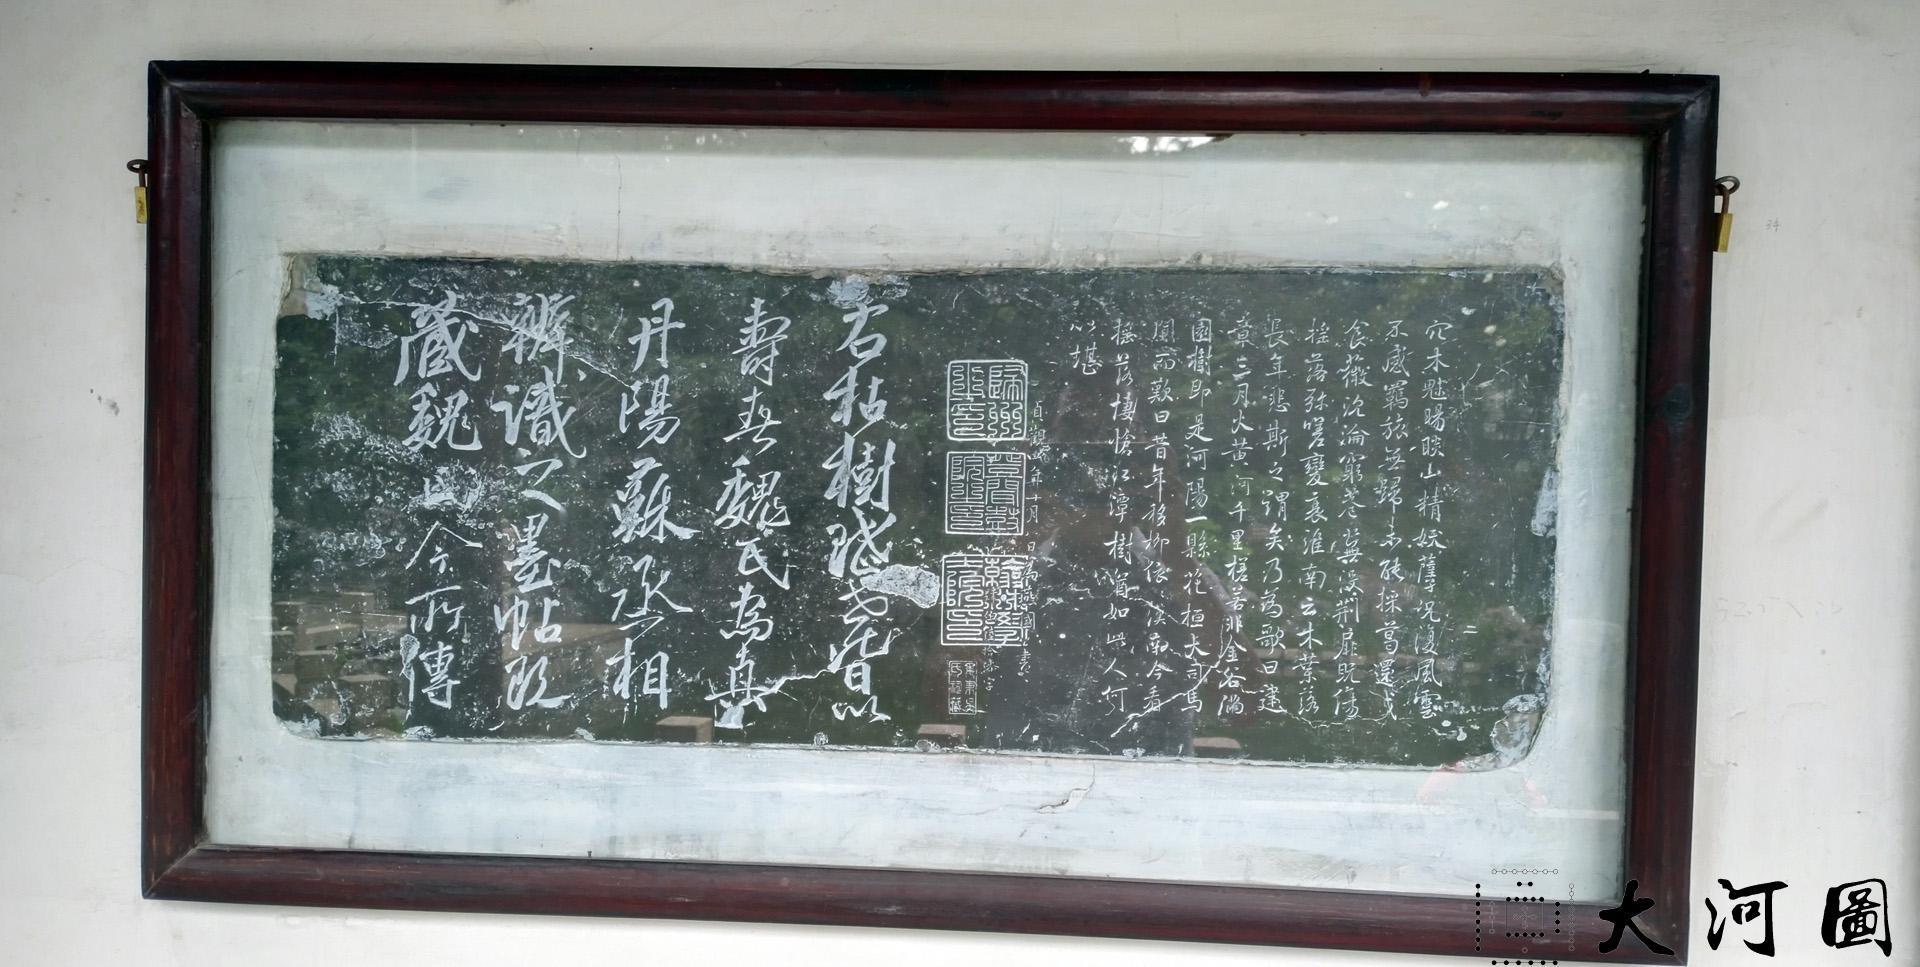 太仓弇山园石刻书法碑 石狮子 墨妙亭 这里是太仓 摄影 第13张